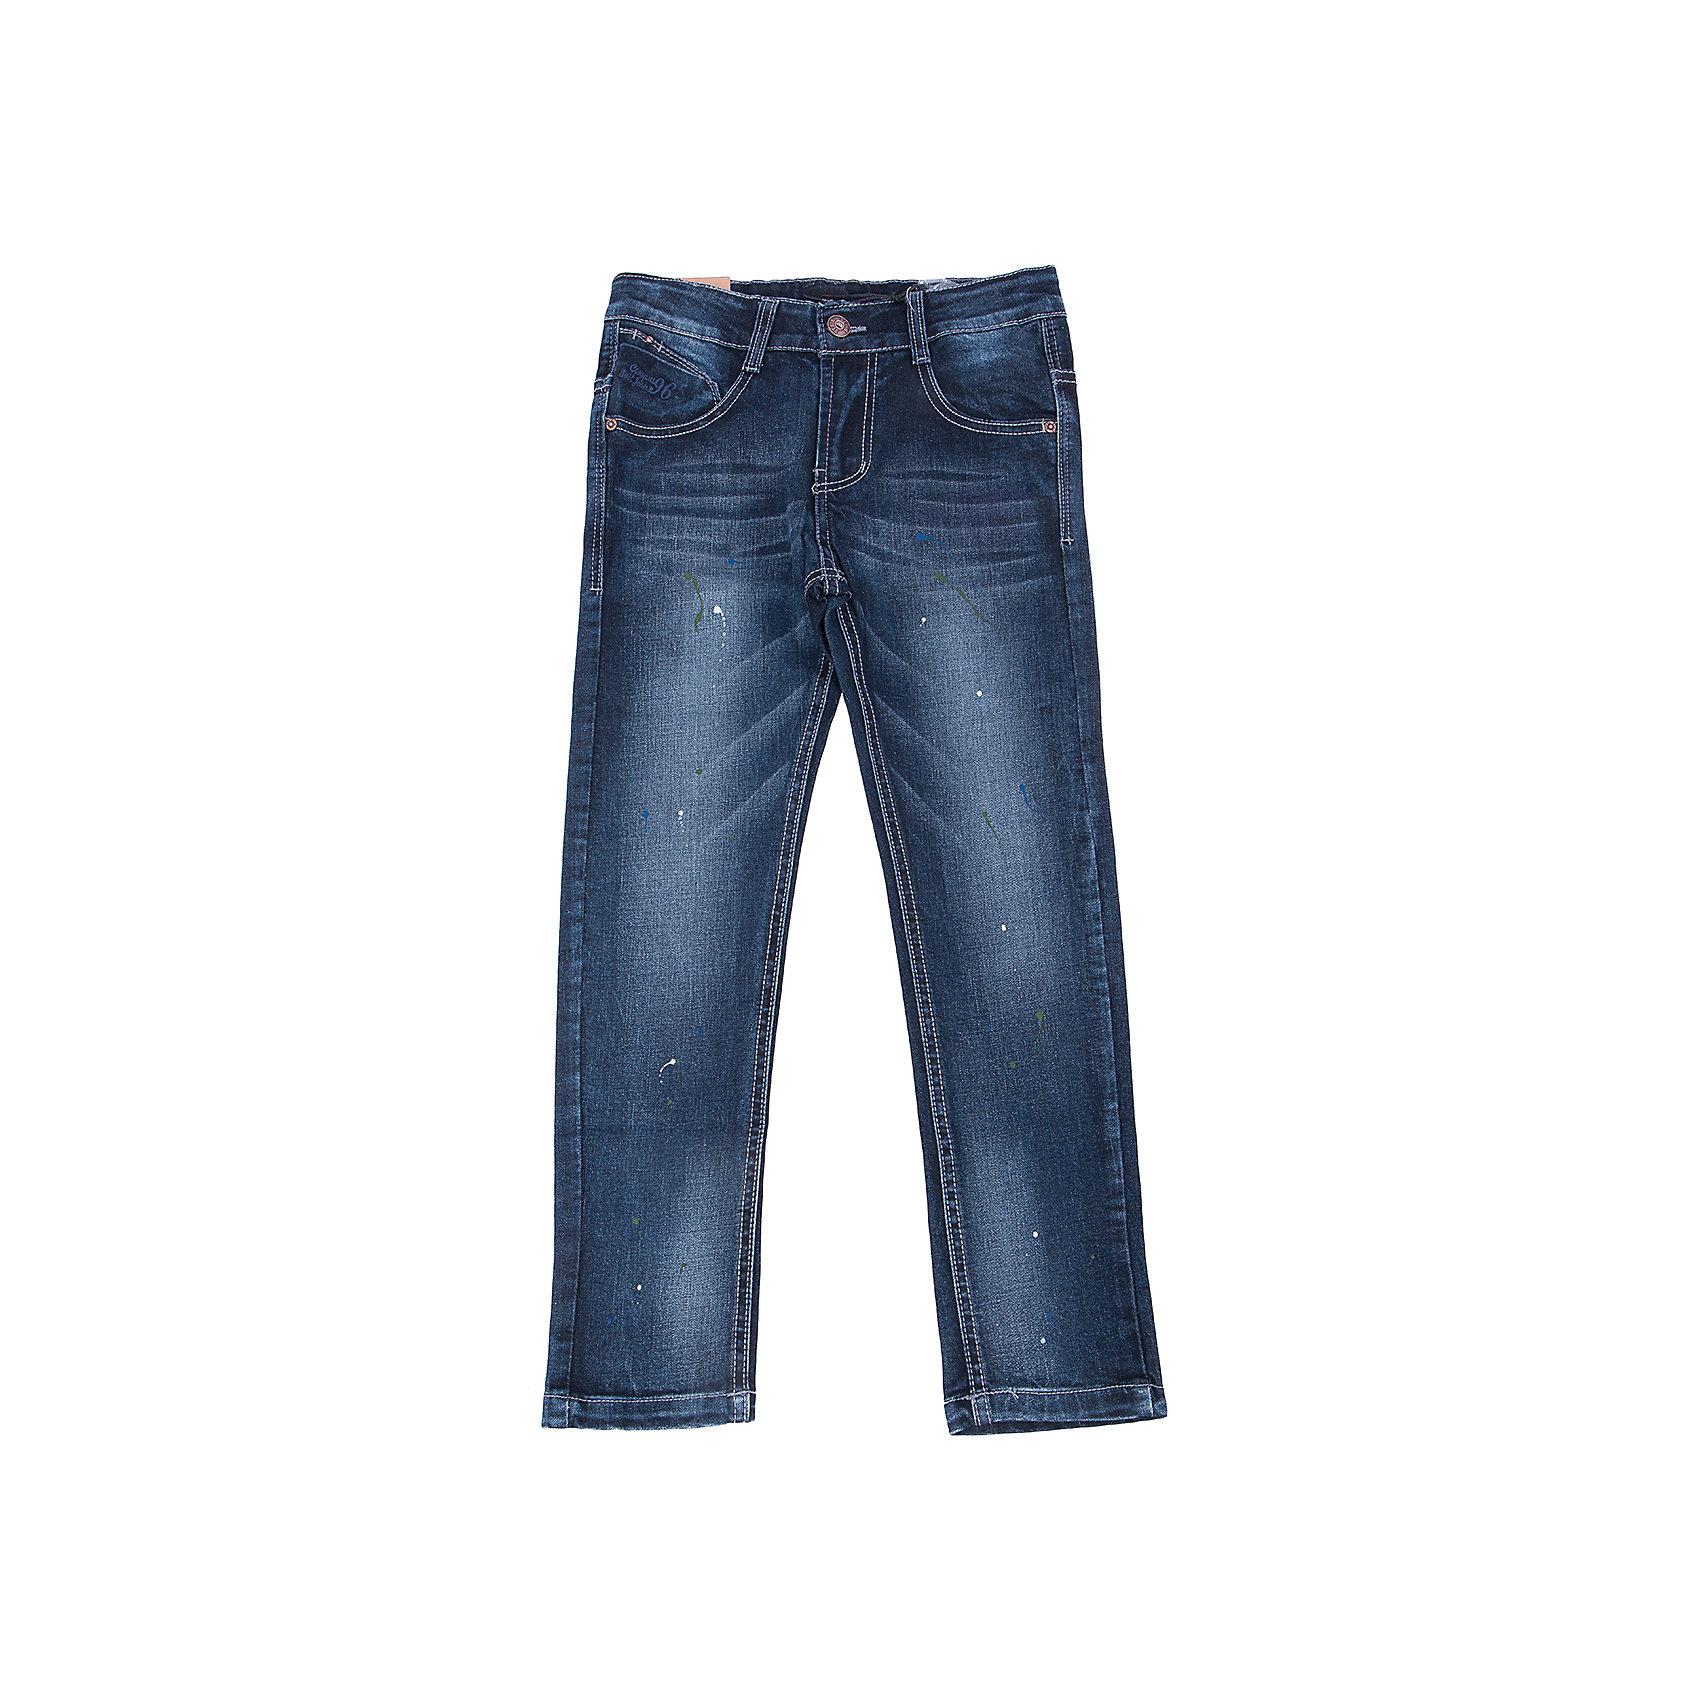 Джинсы для мальчика LuminosoДжинсовая одежда<br>Характеристики товара:<br><br>- цвет: синий;<br>- материал: 98% хлопок, 2% эластан;<br>- застежка: пуговица и молния;<br>- пояс регулируется внутренней резинкой на пуговицах;<br>- эффект потертостей.<br><br>Стильная одежда от бренда Luminoso (Люминосо), созданная при участии итальянских дизайнеров, учитывает потребности подростков и последние веяния моды. Она удобная и модная.<br>Эти джинсы выглядят стильно, но при этом подходят для ежедневного ношения. Они хорошо сидят на ребенке, обеспечивают комфорт и отлично сочетаются с одежной разных стилей. Модель отличается высоким качеством материала и продуманным дизайном. Натуральный хлопок в составе изделия делает его дышащим, приятным на ощупь и гипоаллергеным.<br><br>Джинсы для мальчика от бренда Luminoso (Люминосо) можно купить в нашем интернет-магазине.<br><br>Ширина мм: 215<br>Глубина мм: 88<br>Высота мм: 191<br>Вес г: 336<br>Цвет: синий<br>Возраст от месяцев: 144<br>Возраст до месяцев: 156<br>Пол: Мужской<br>Возраст: Детский<br>Размер: 158,134,140,146,164,152<br>SKU: 4930809